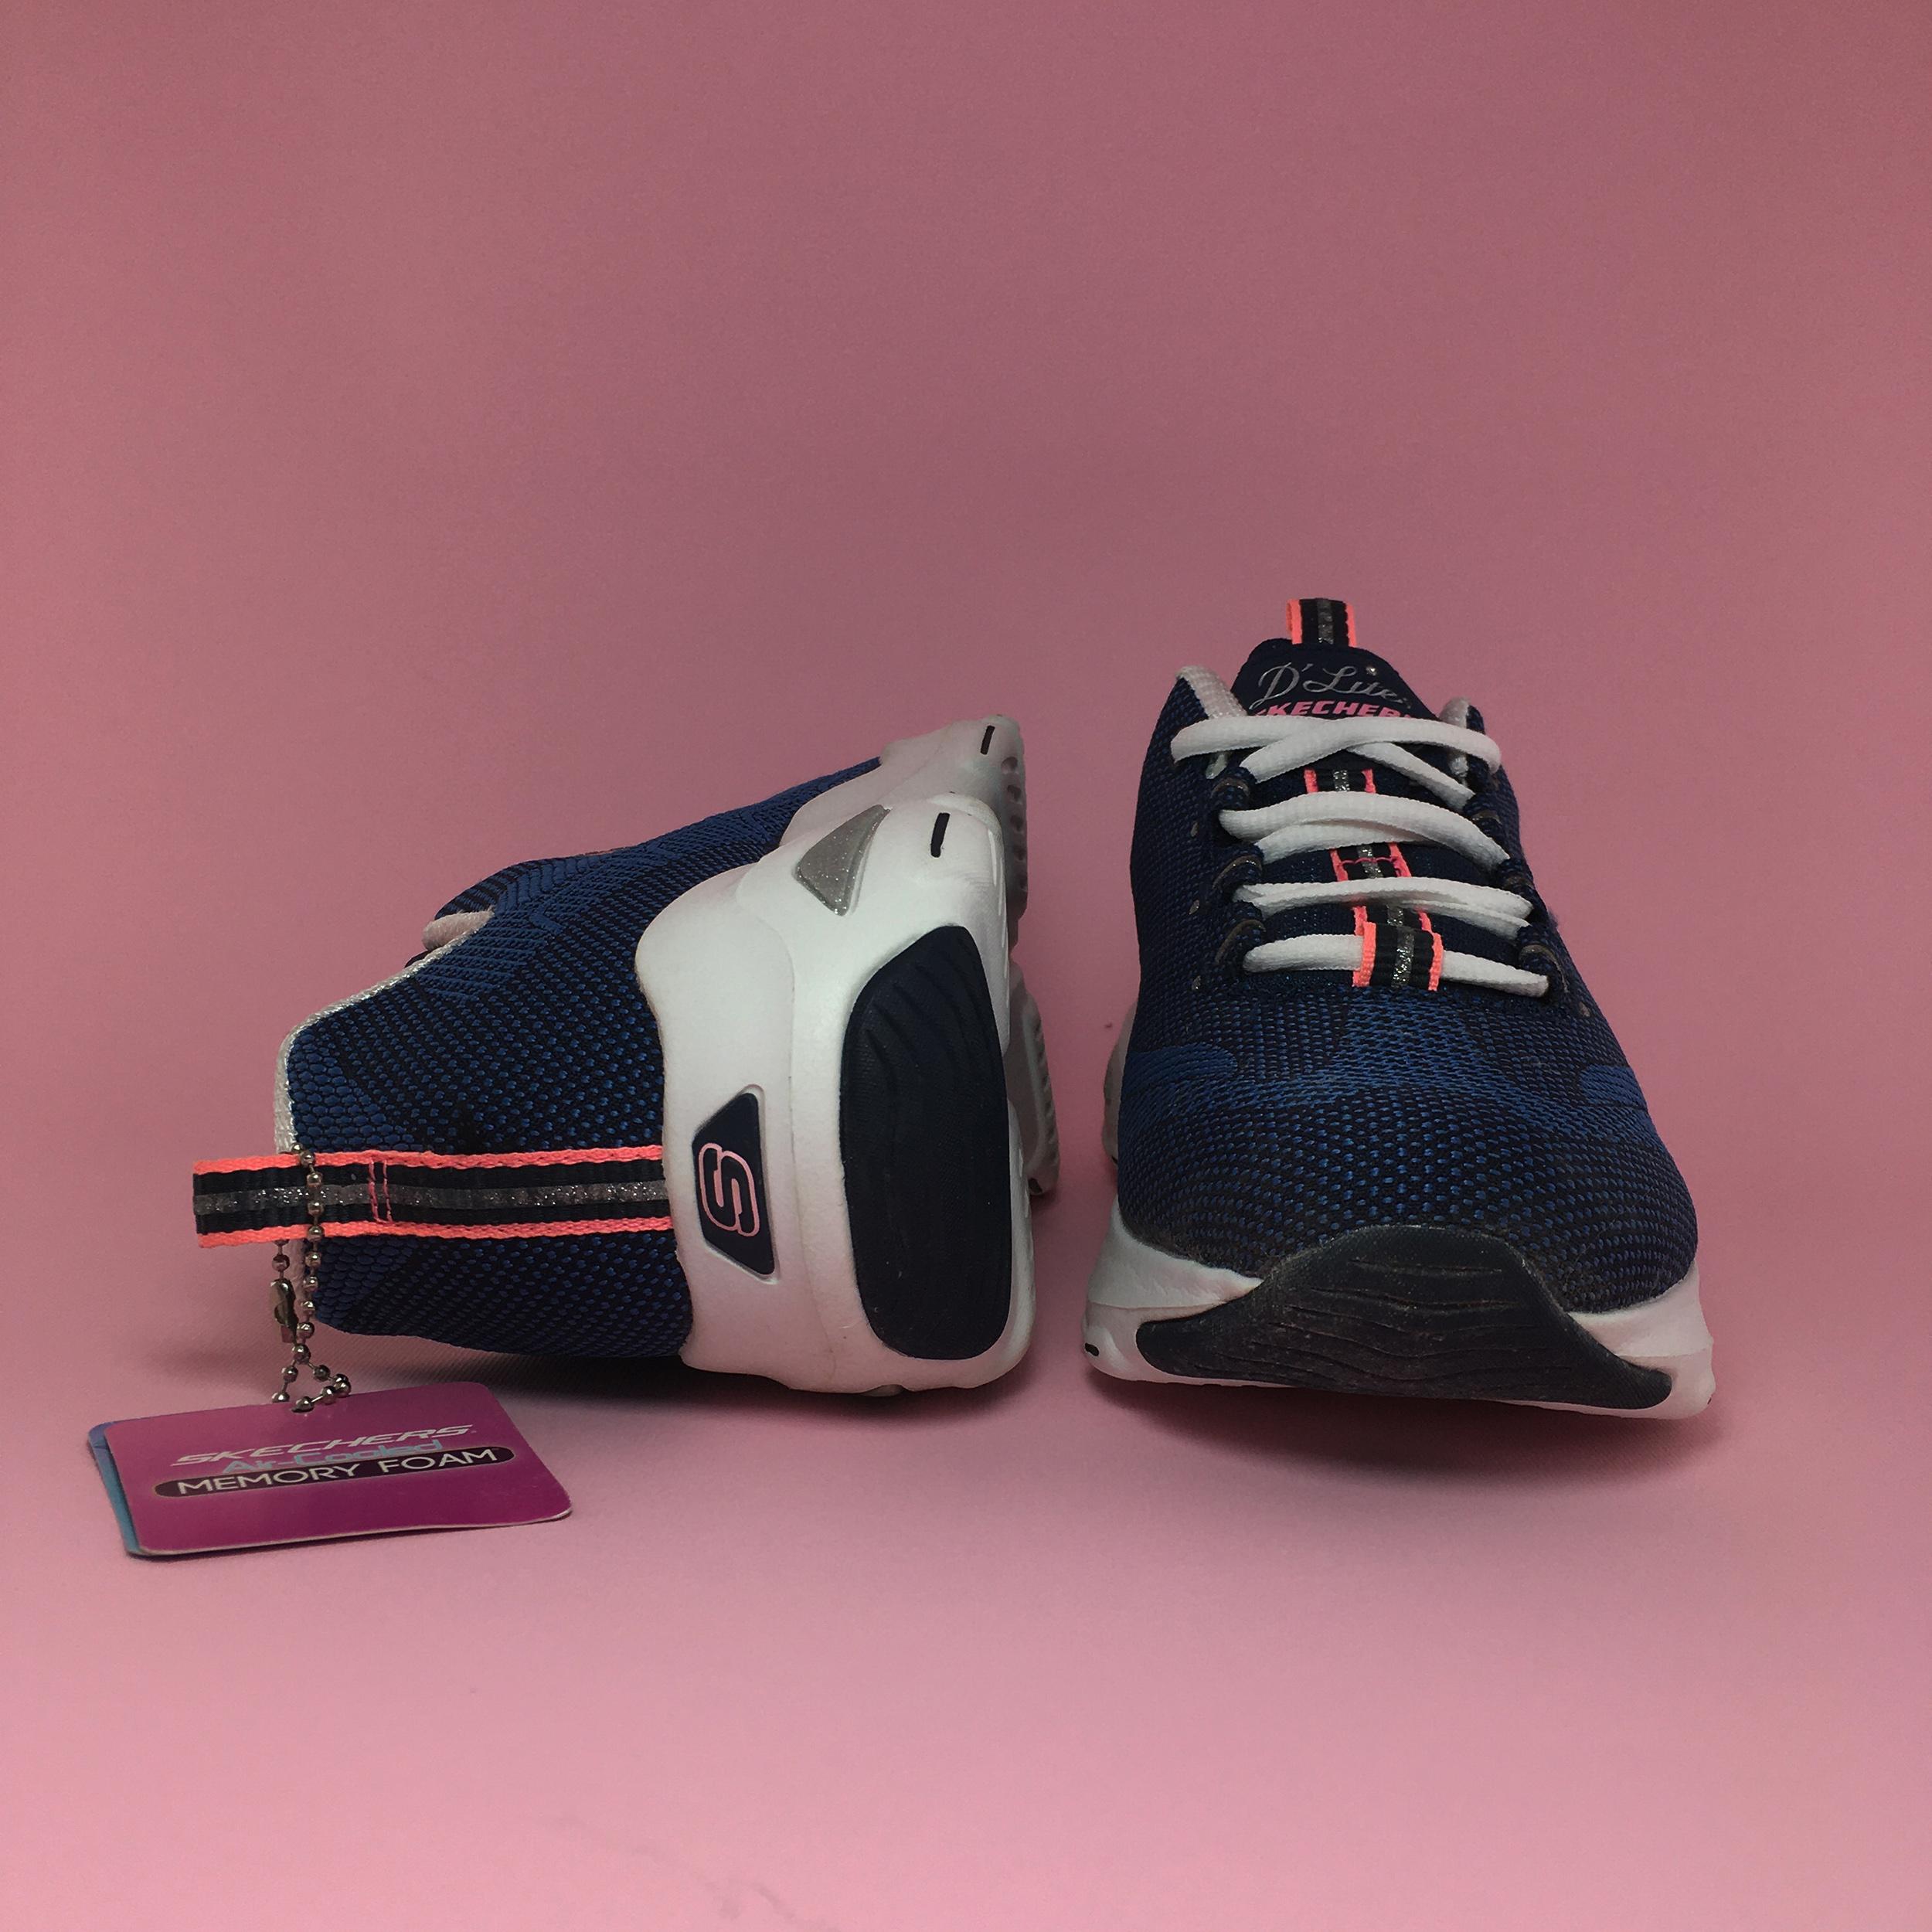 کفش مخصوص پیاده روی زنانه اسکچرز کد A78